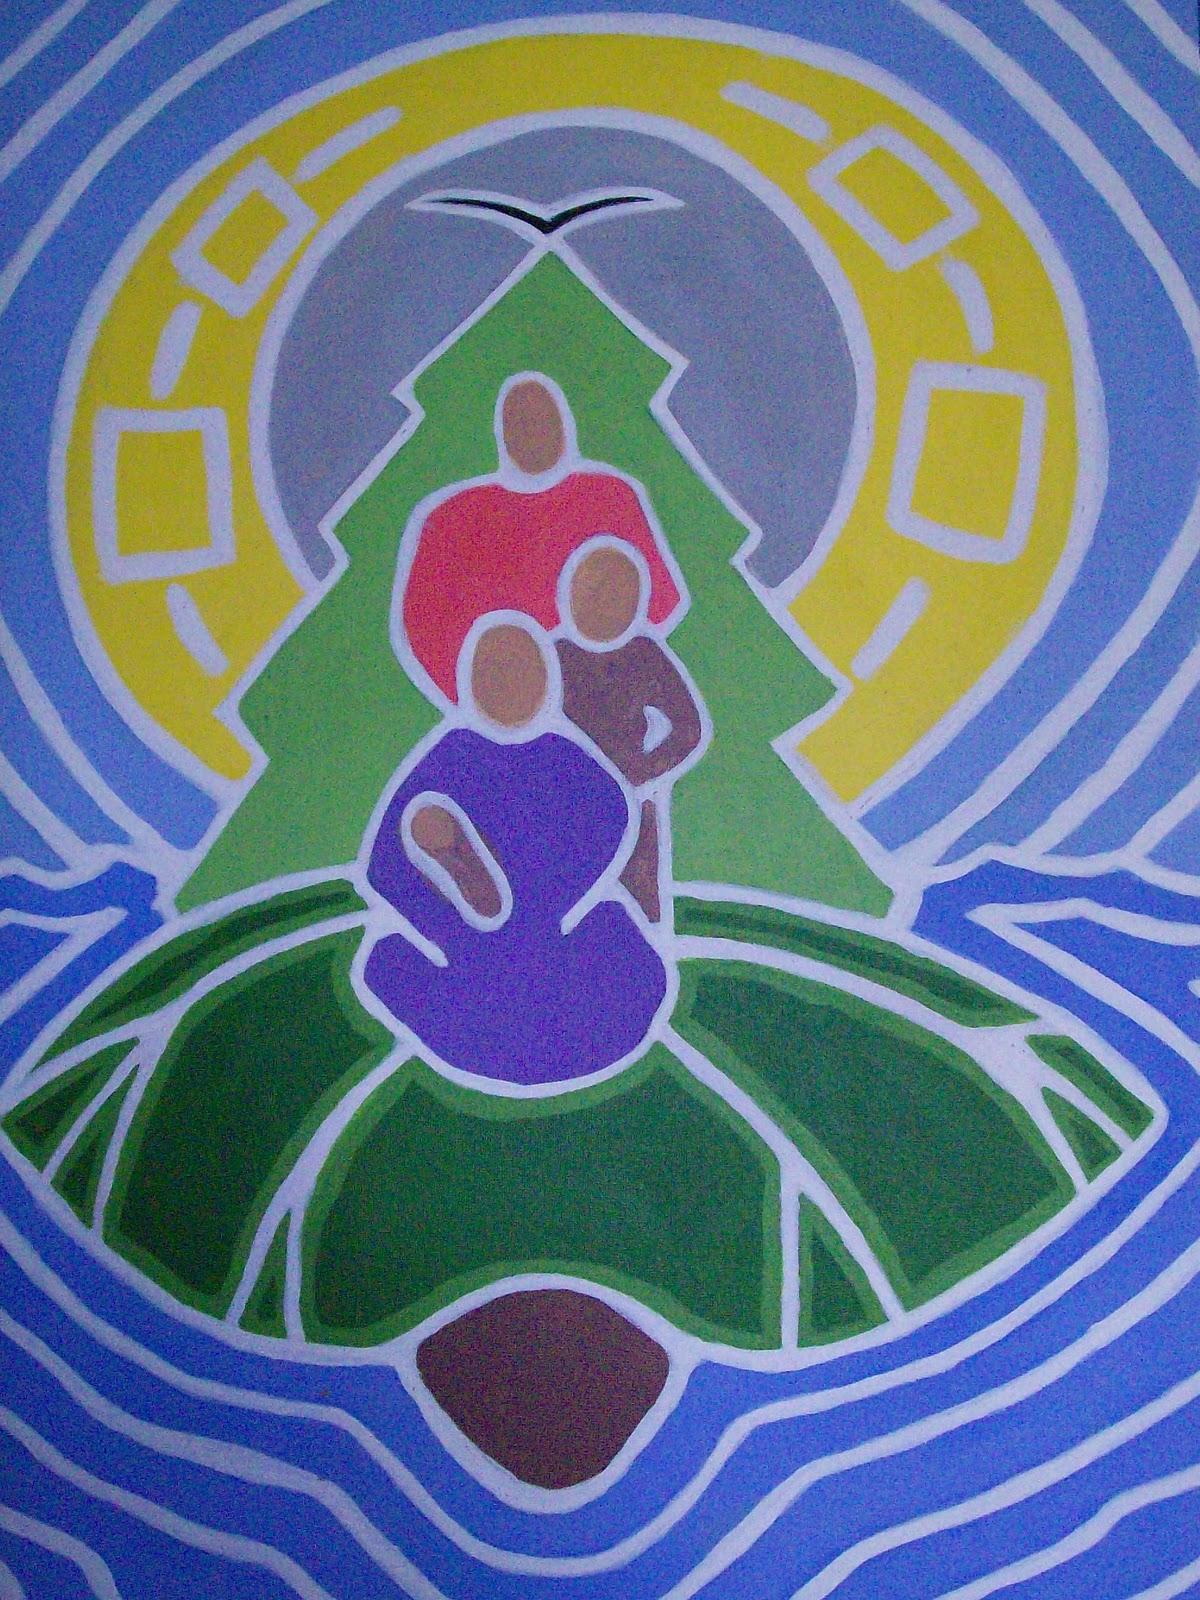 Tami Bonaparte: The Family Tree of Peace